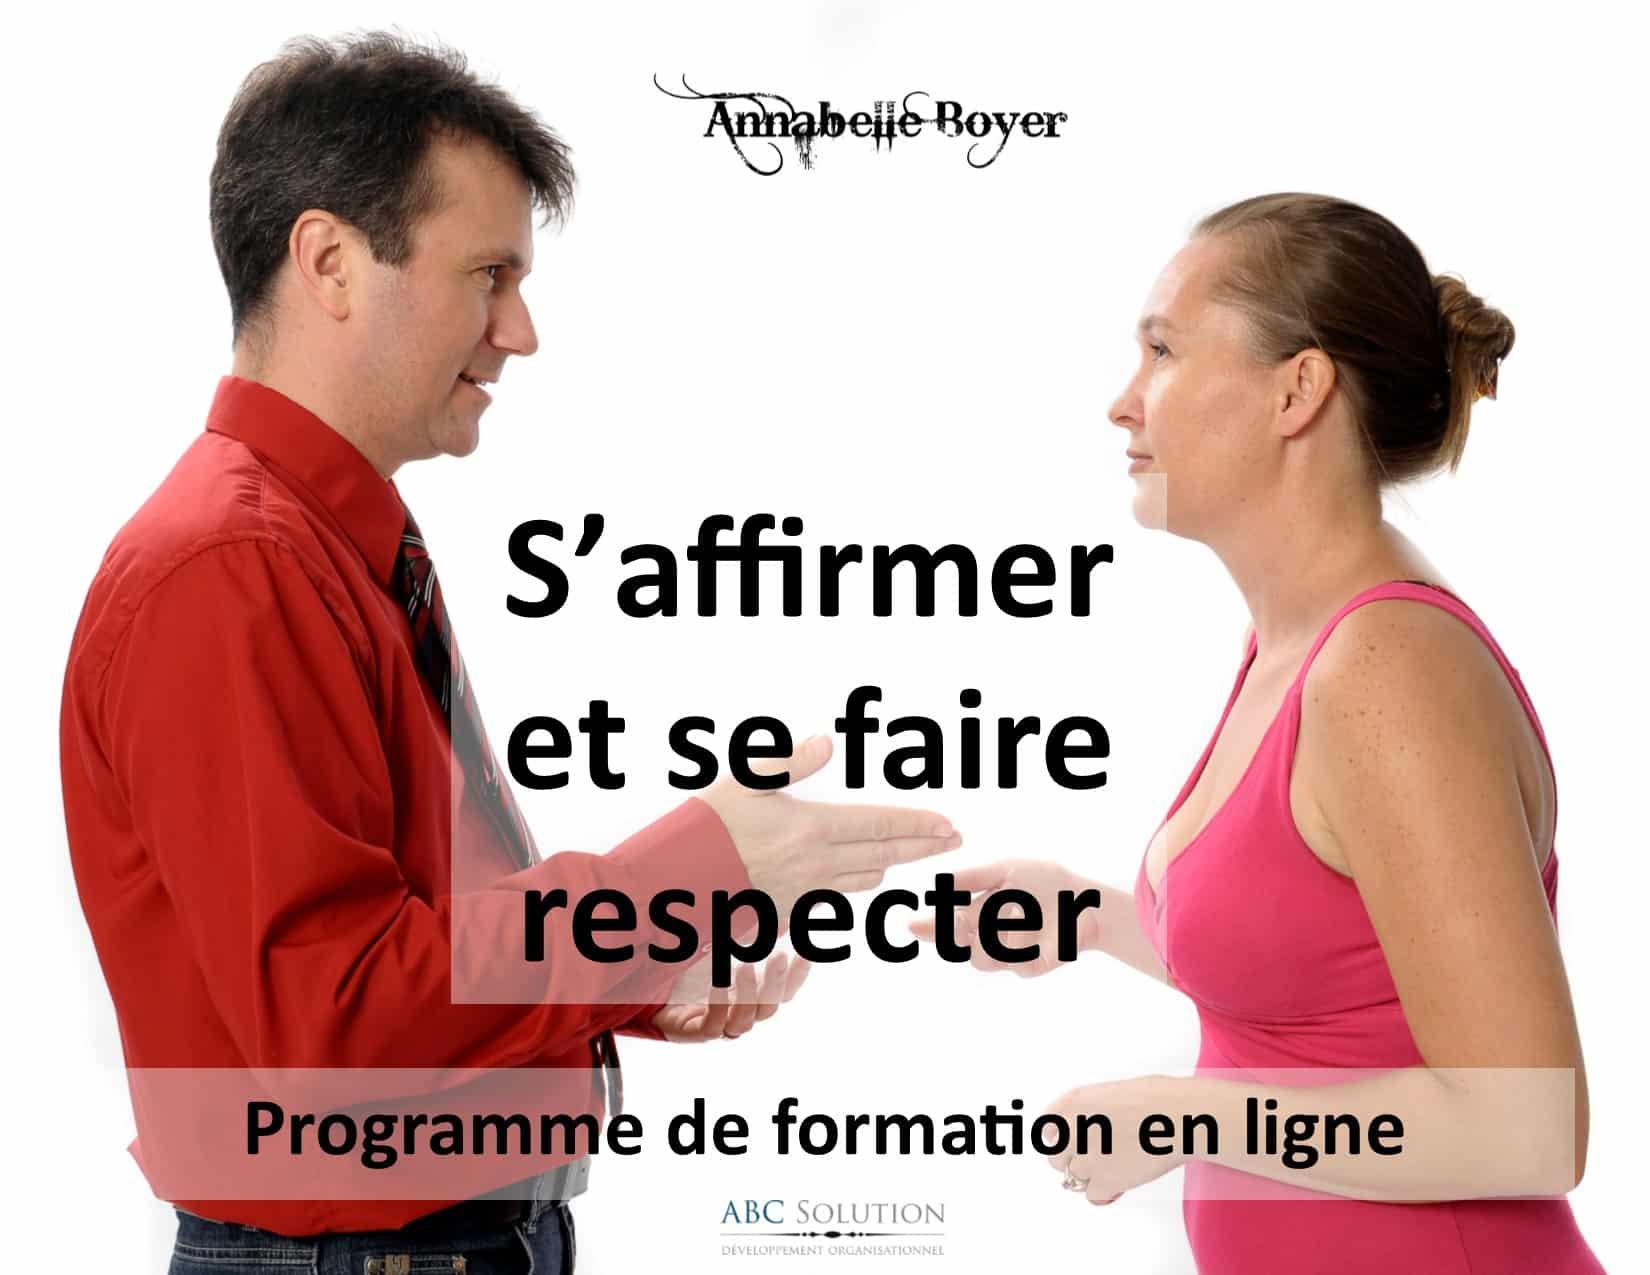 Affirmer_faire_respecter